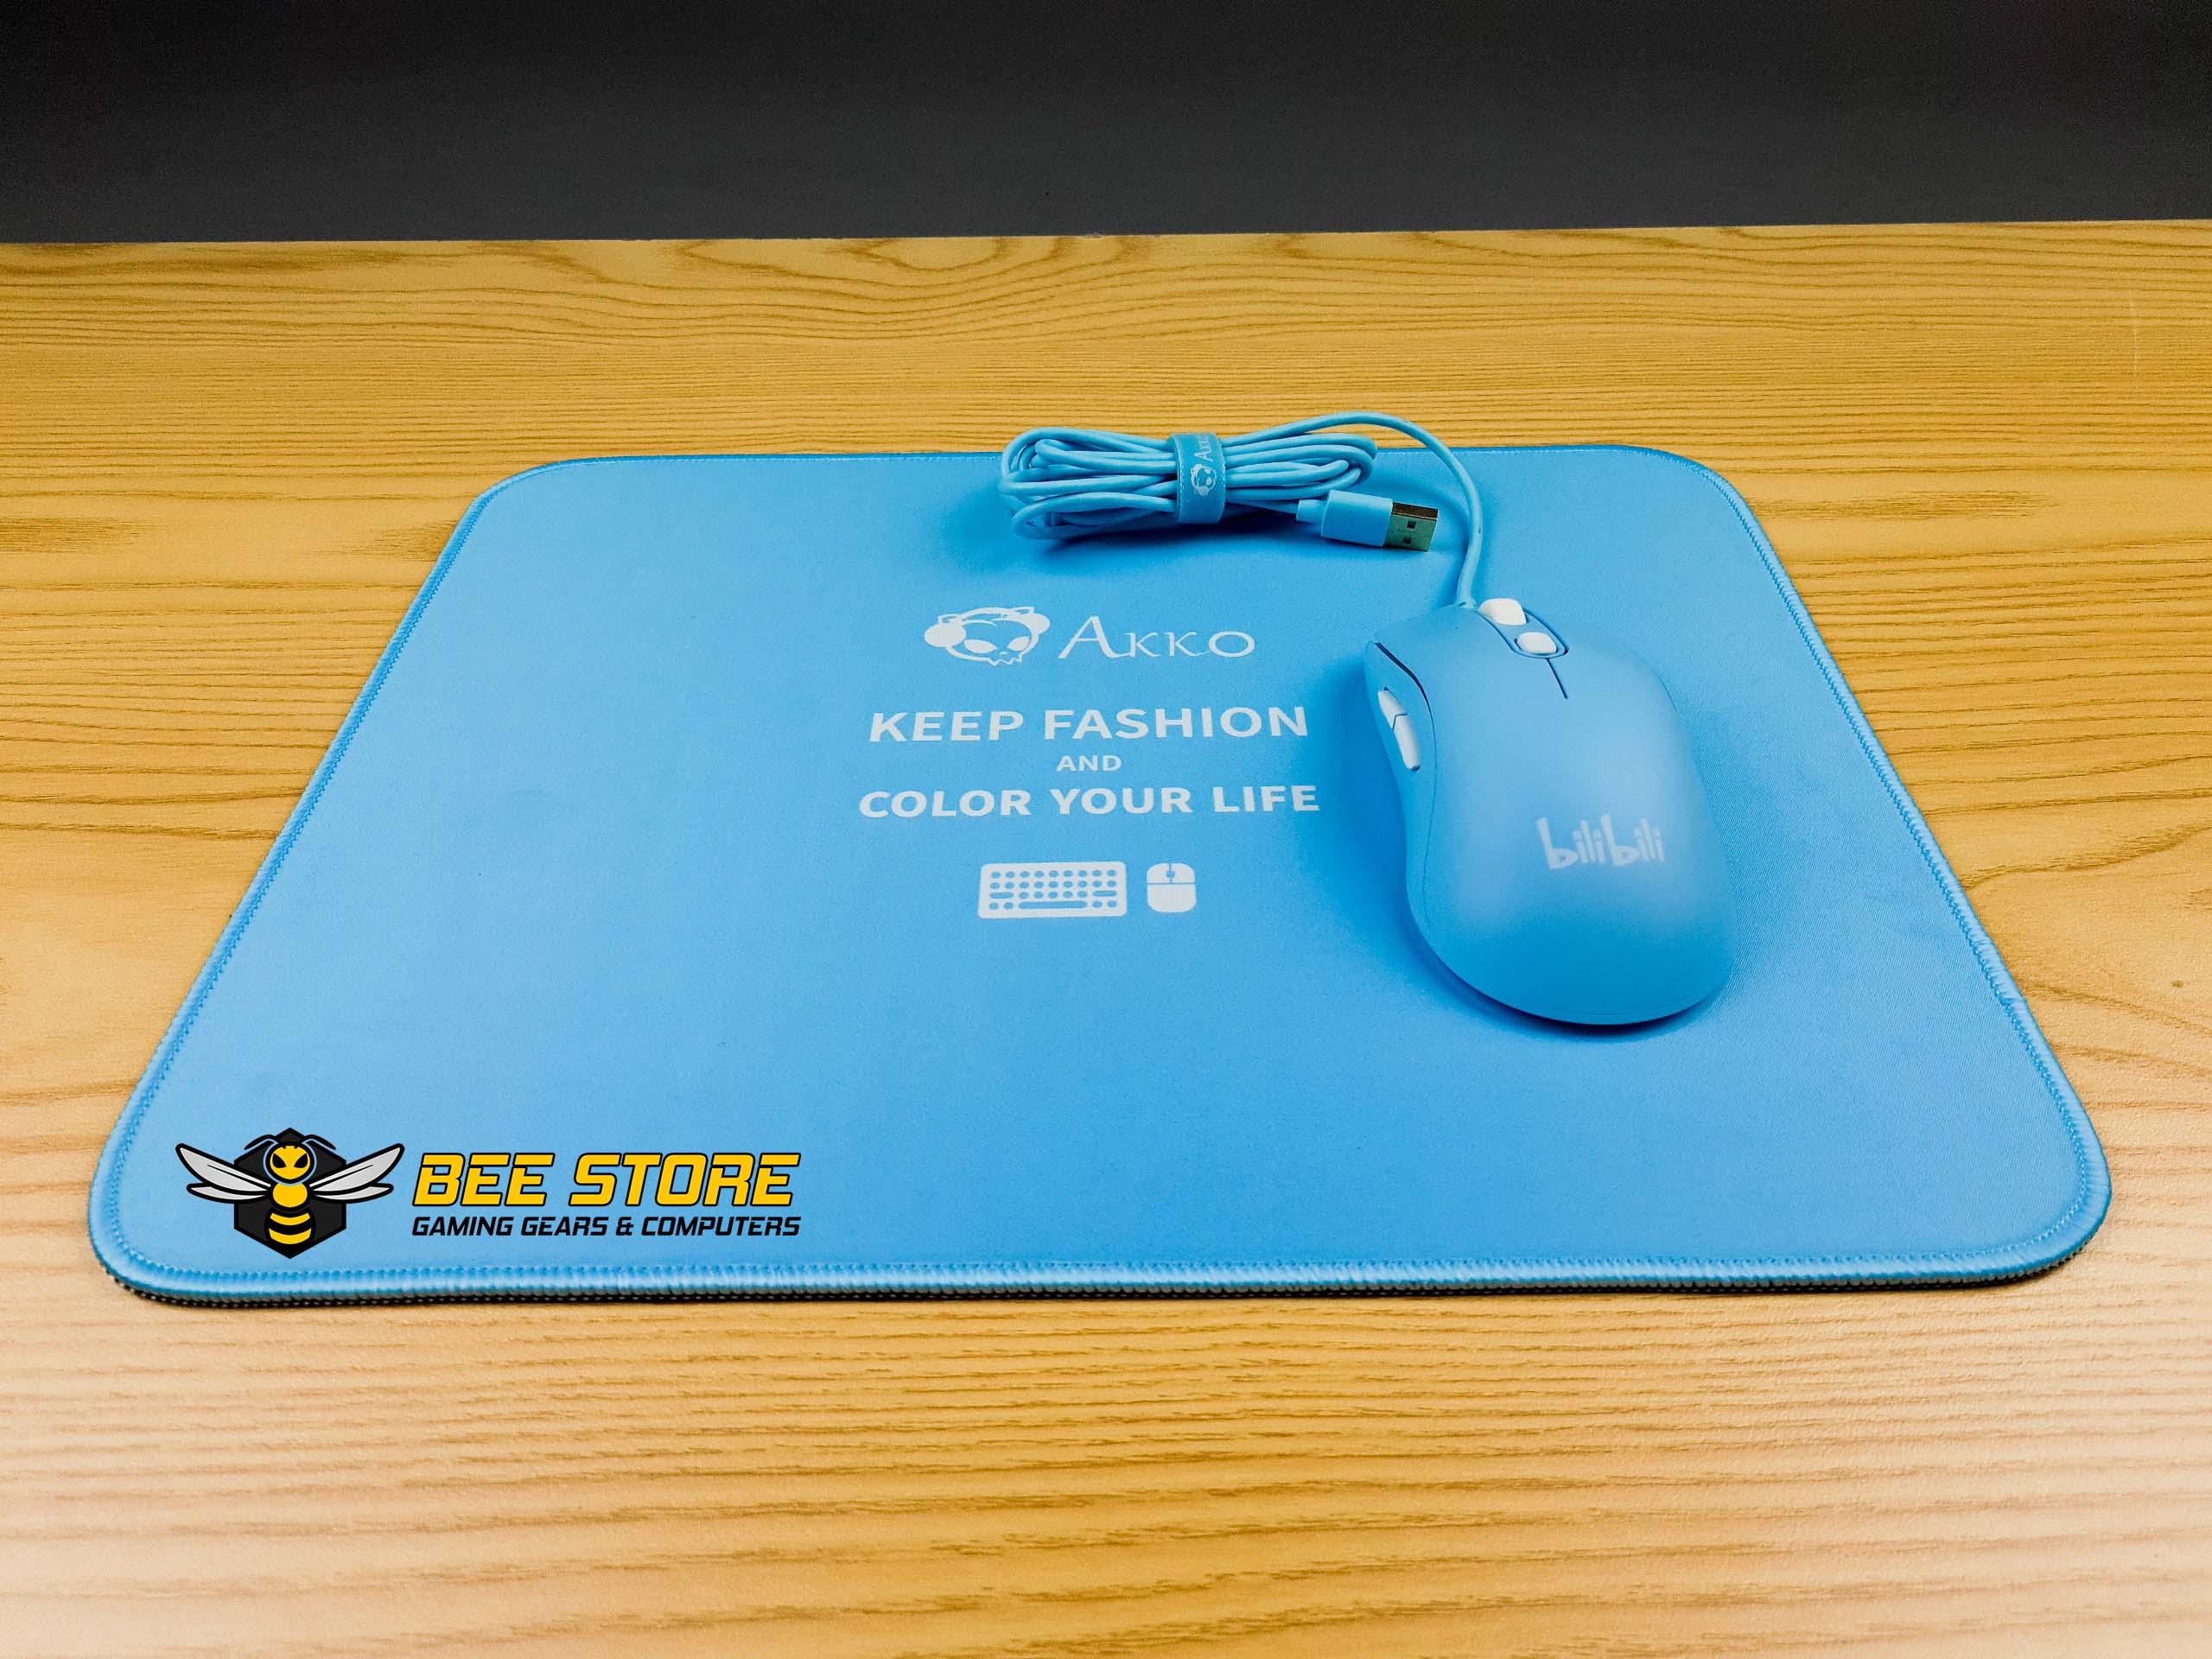 ban-di-chuot-akko-color-size-m-Blue-beegaming-11